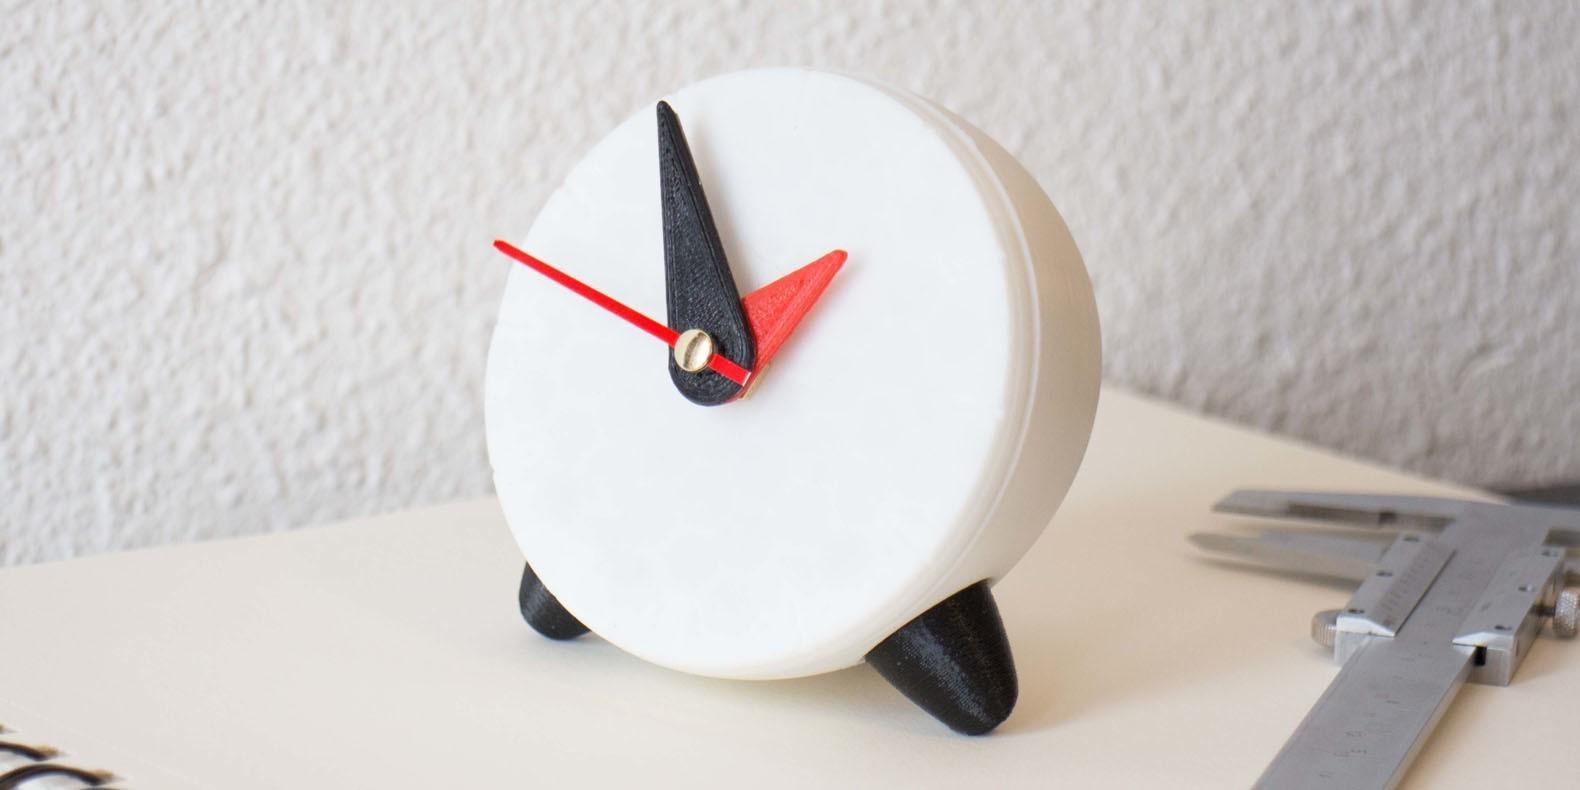 Retrouvez ici une sélection des meilleurs modèles 3D d'horloges et de montres imprimables en 3D